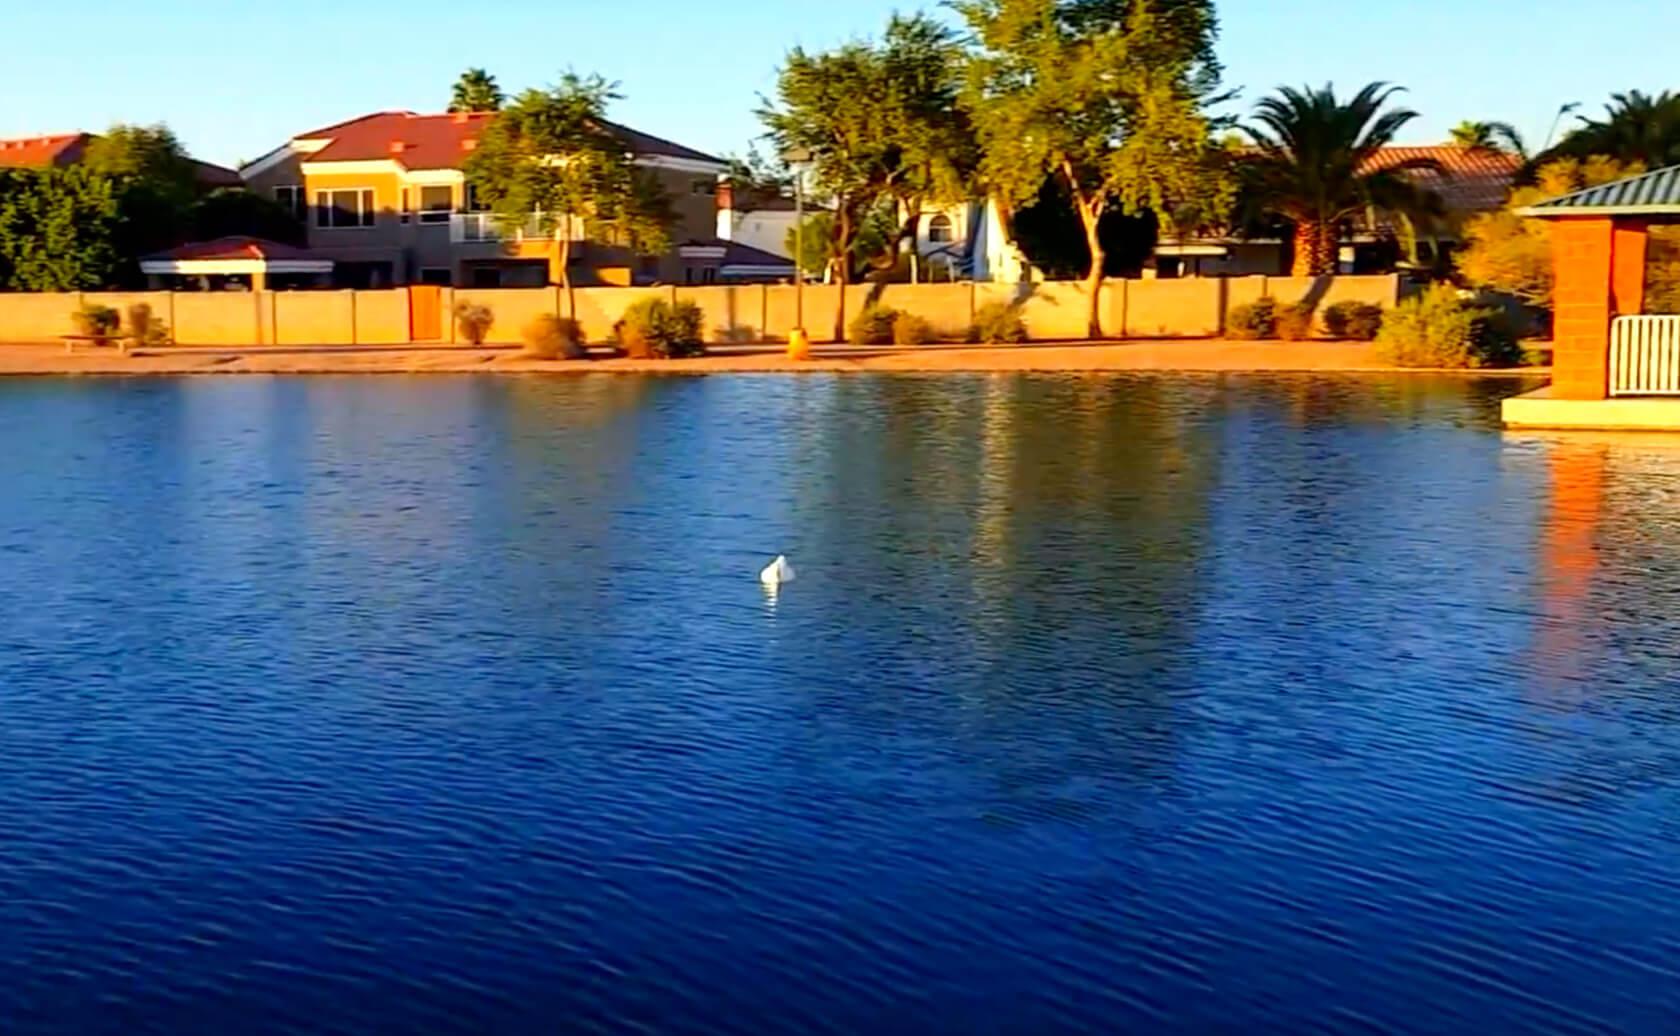 McQueen-Park-Fishing-Guide-Gilbert-AZ-02